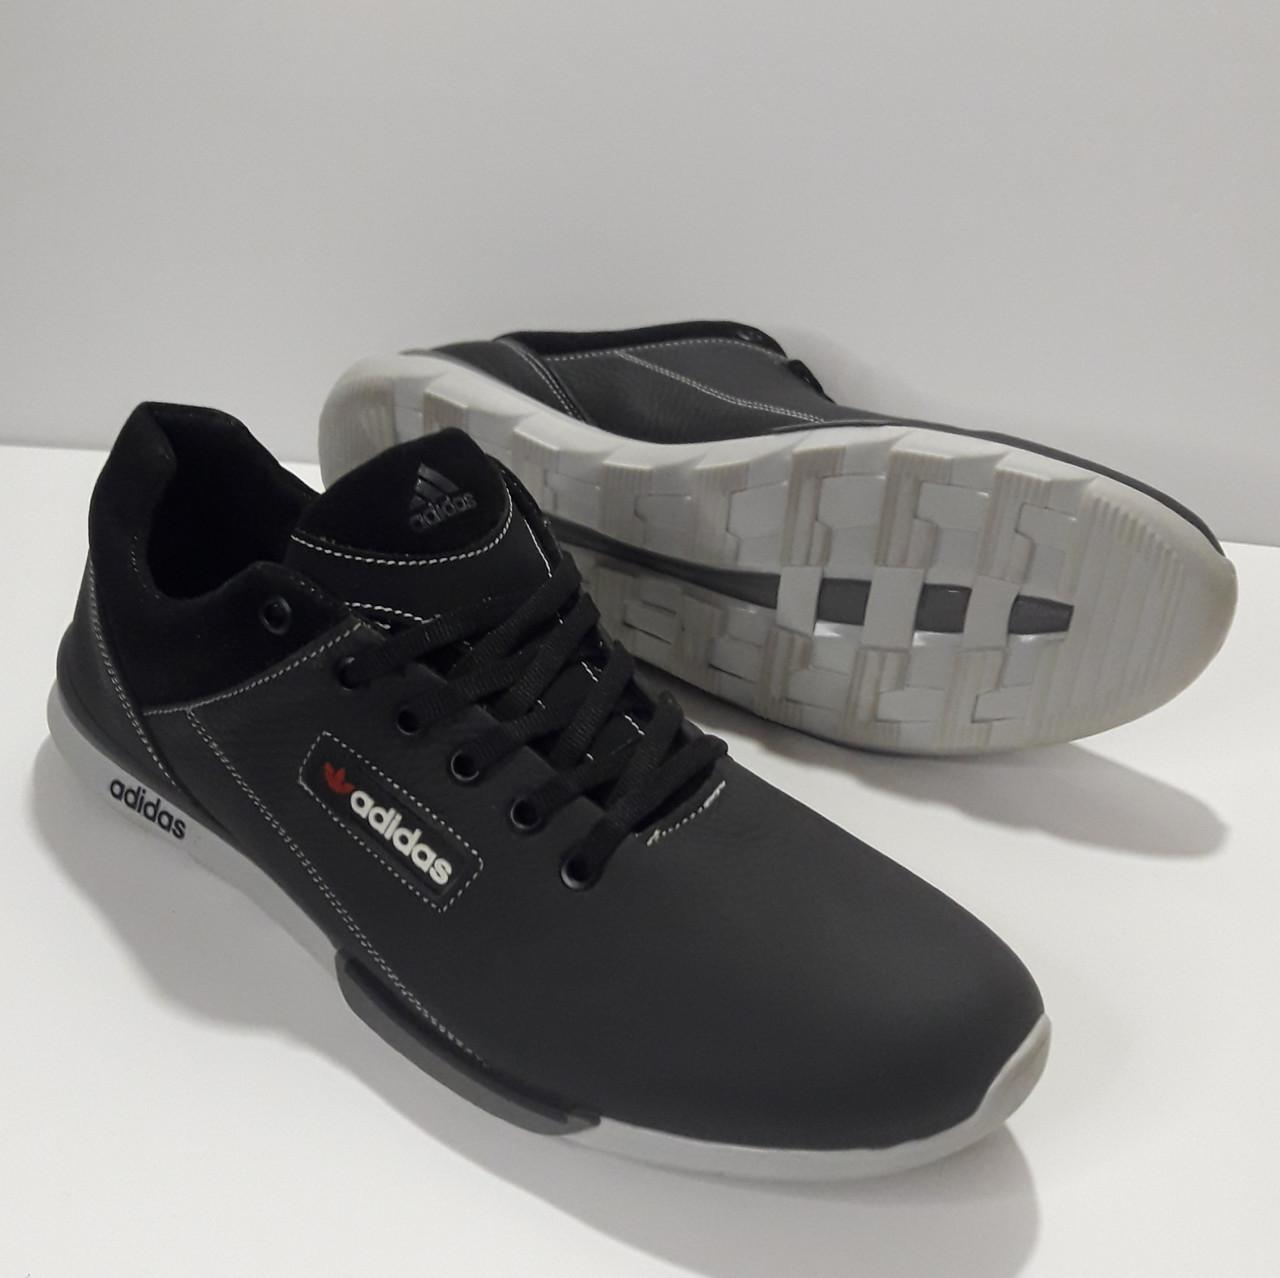 Кросівки Adidas р. 45 шкіряні Харків темно-сині